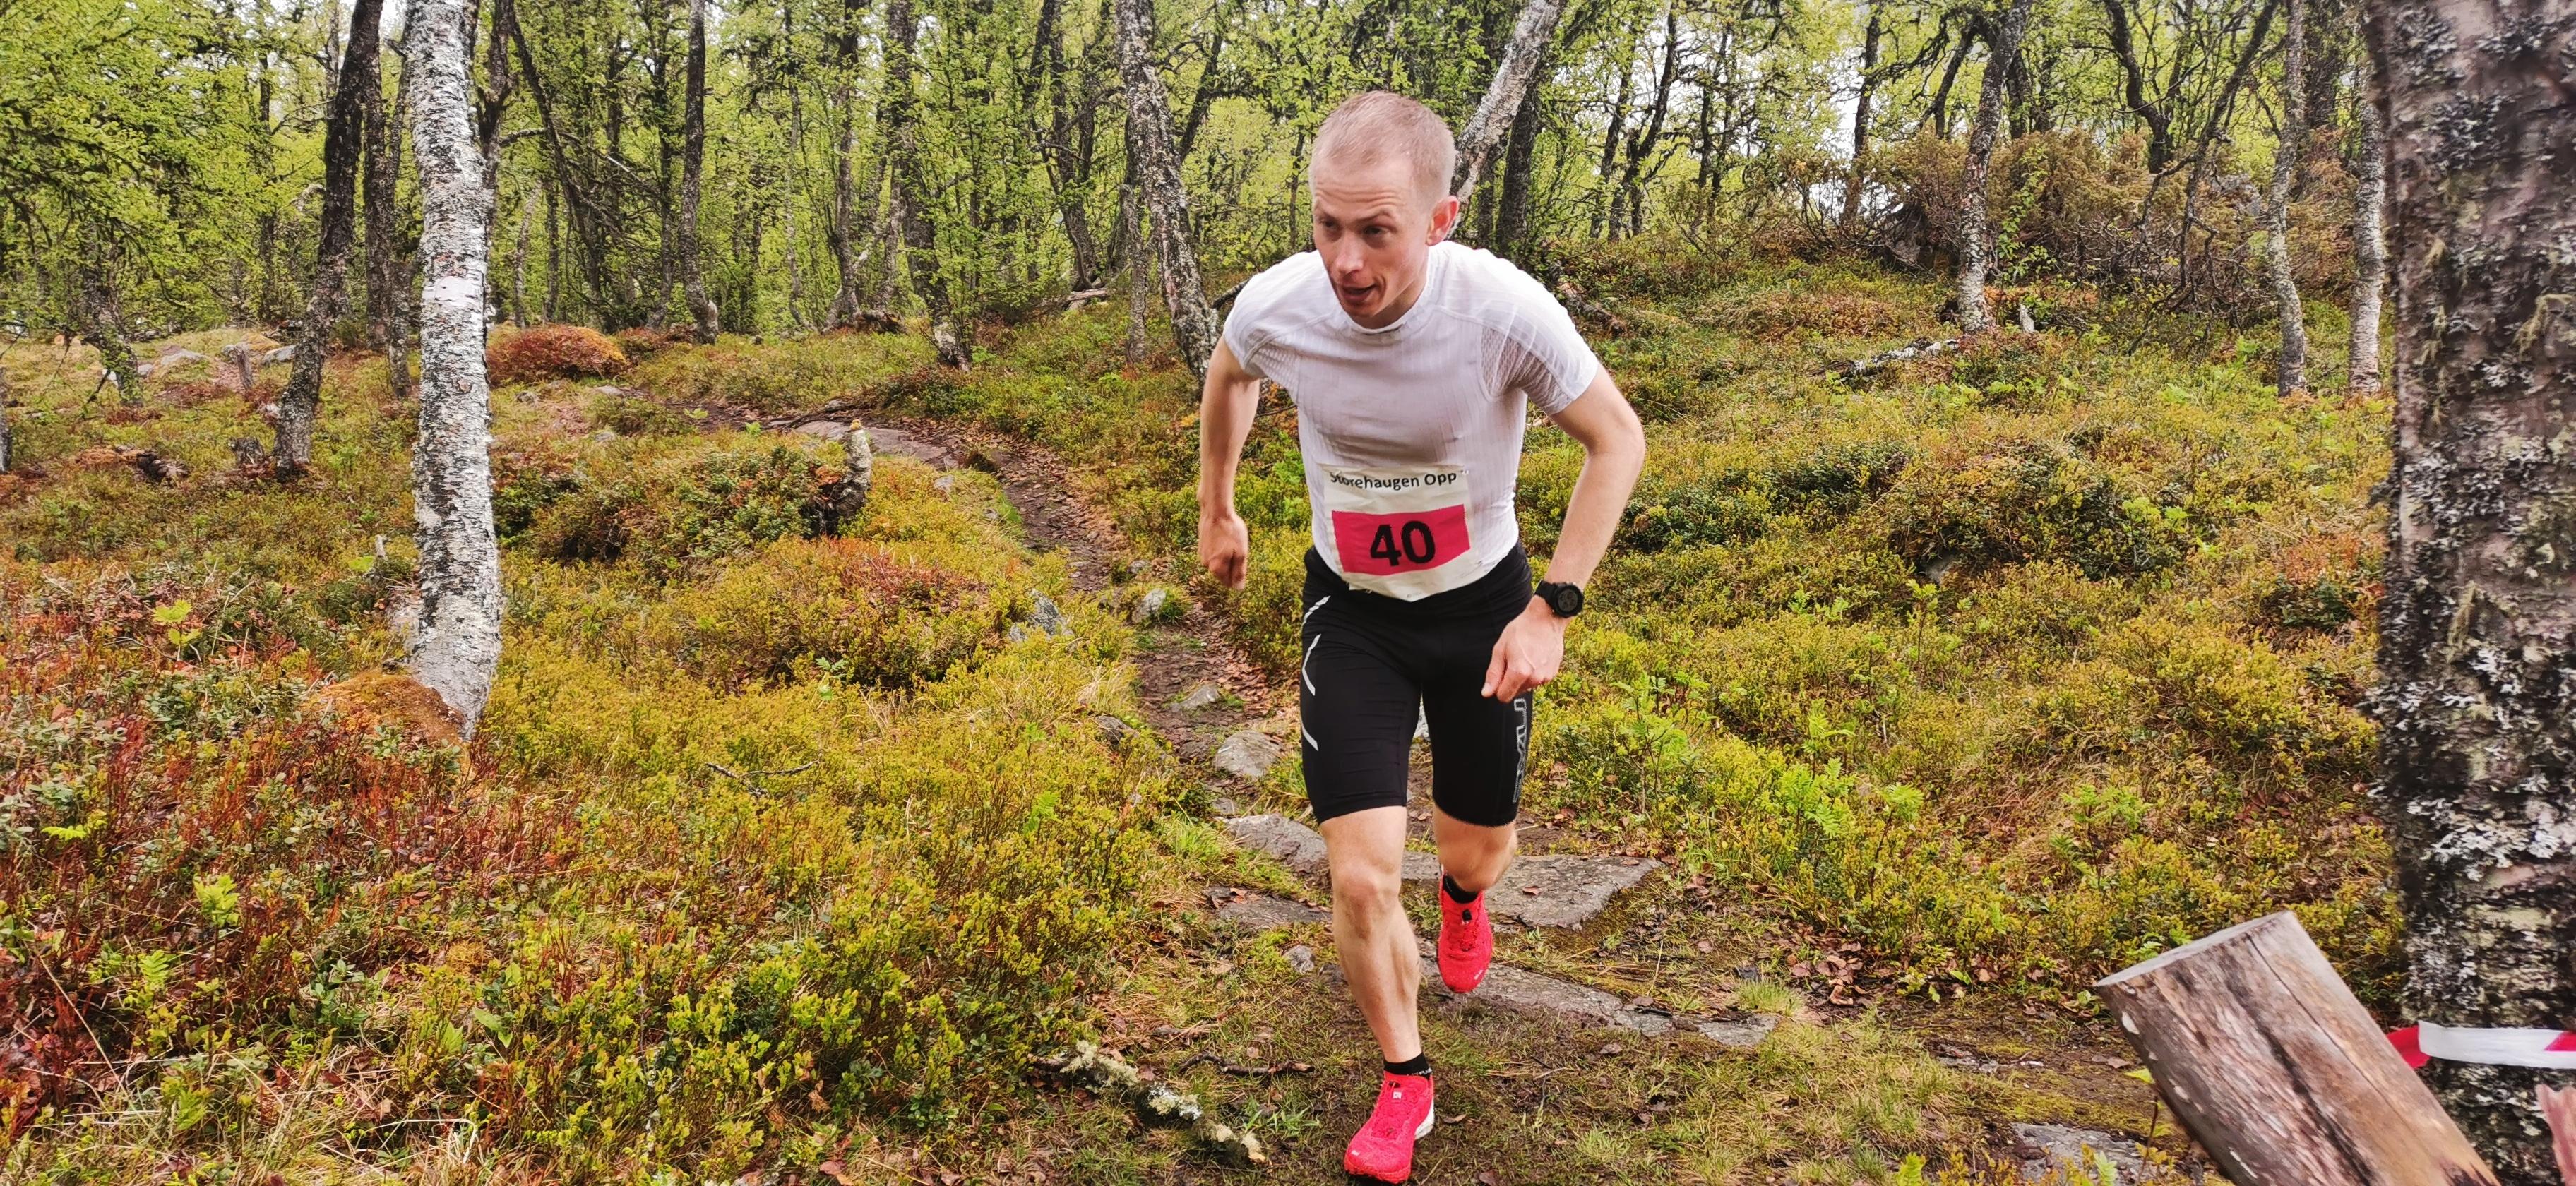 Øyvind_Heiberg_Sundby.jpg